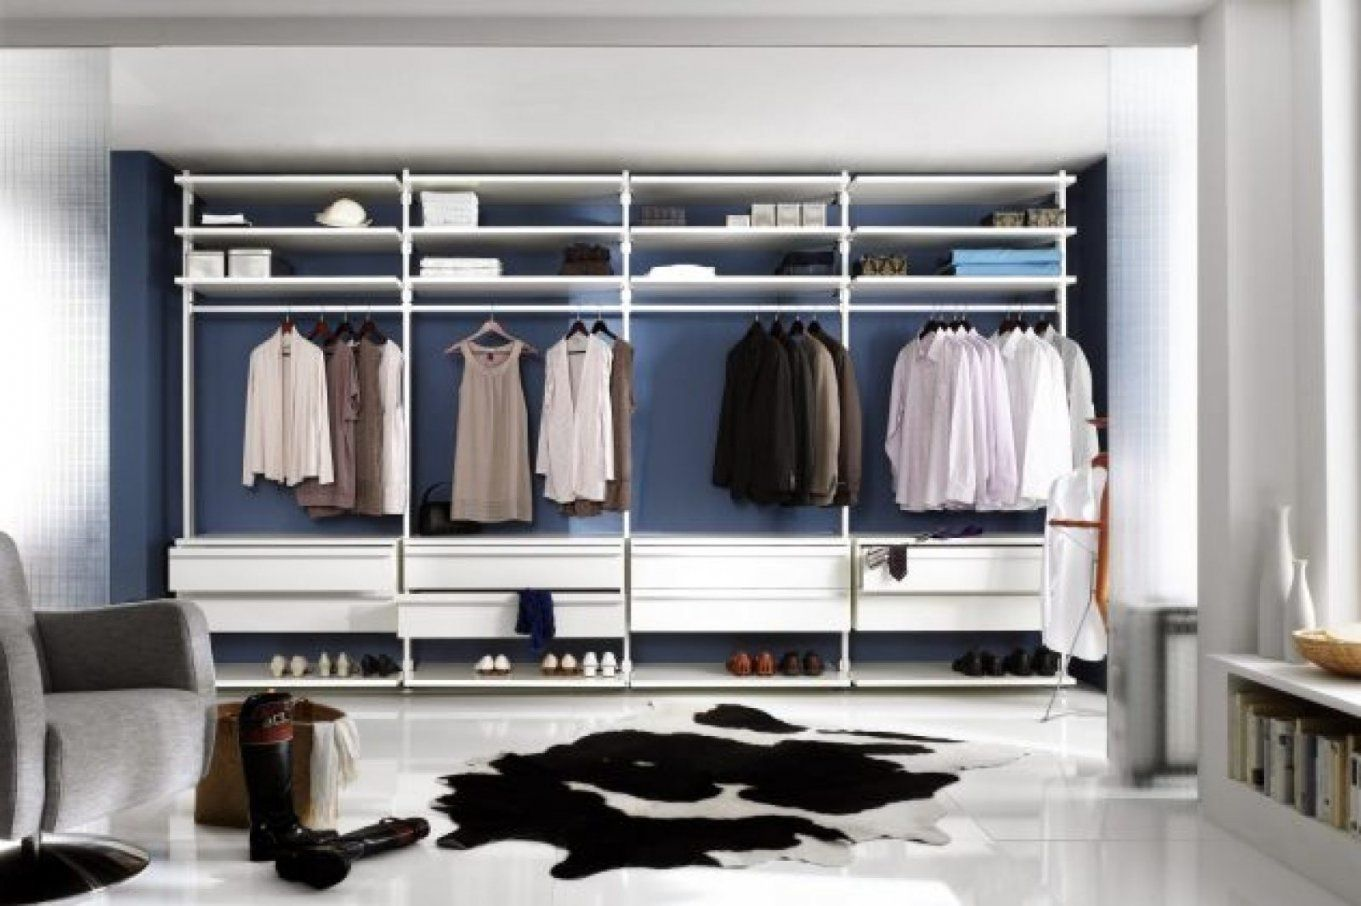 Begehbarer Kleiderschrank Selber Bauen Anleitung von Begehbarer Kleiderschrank Selber Bauen Anleitung Bild